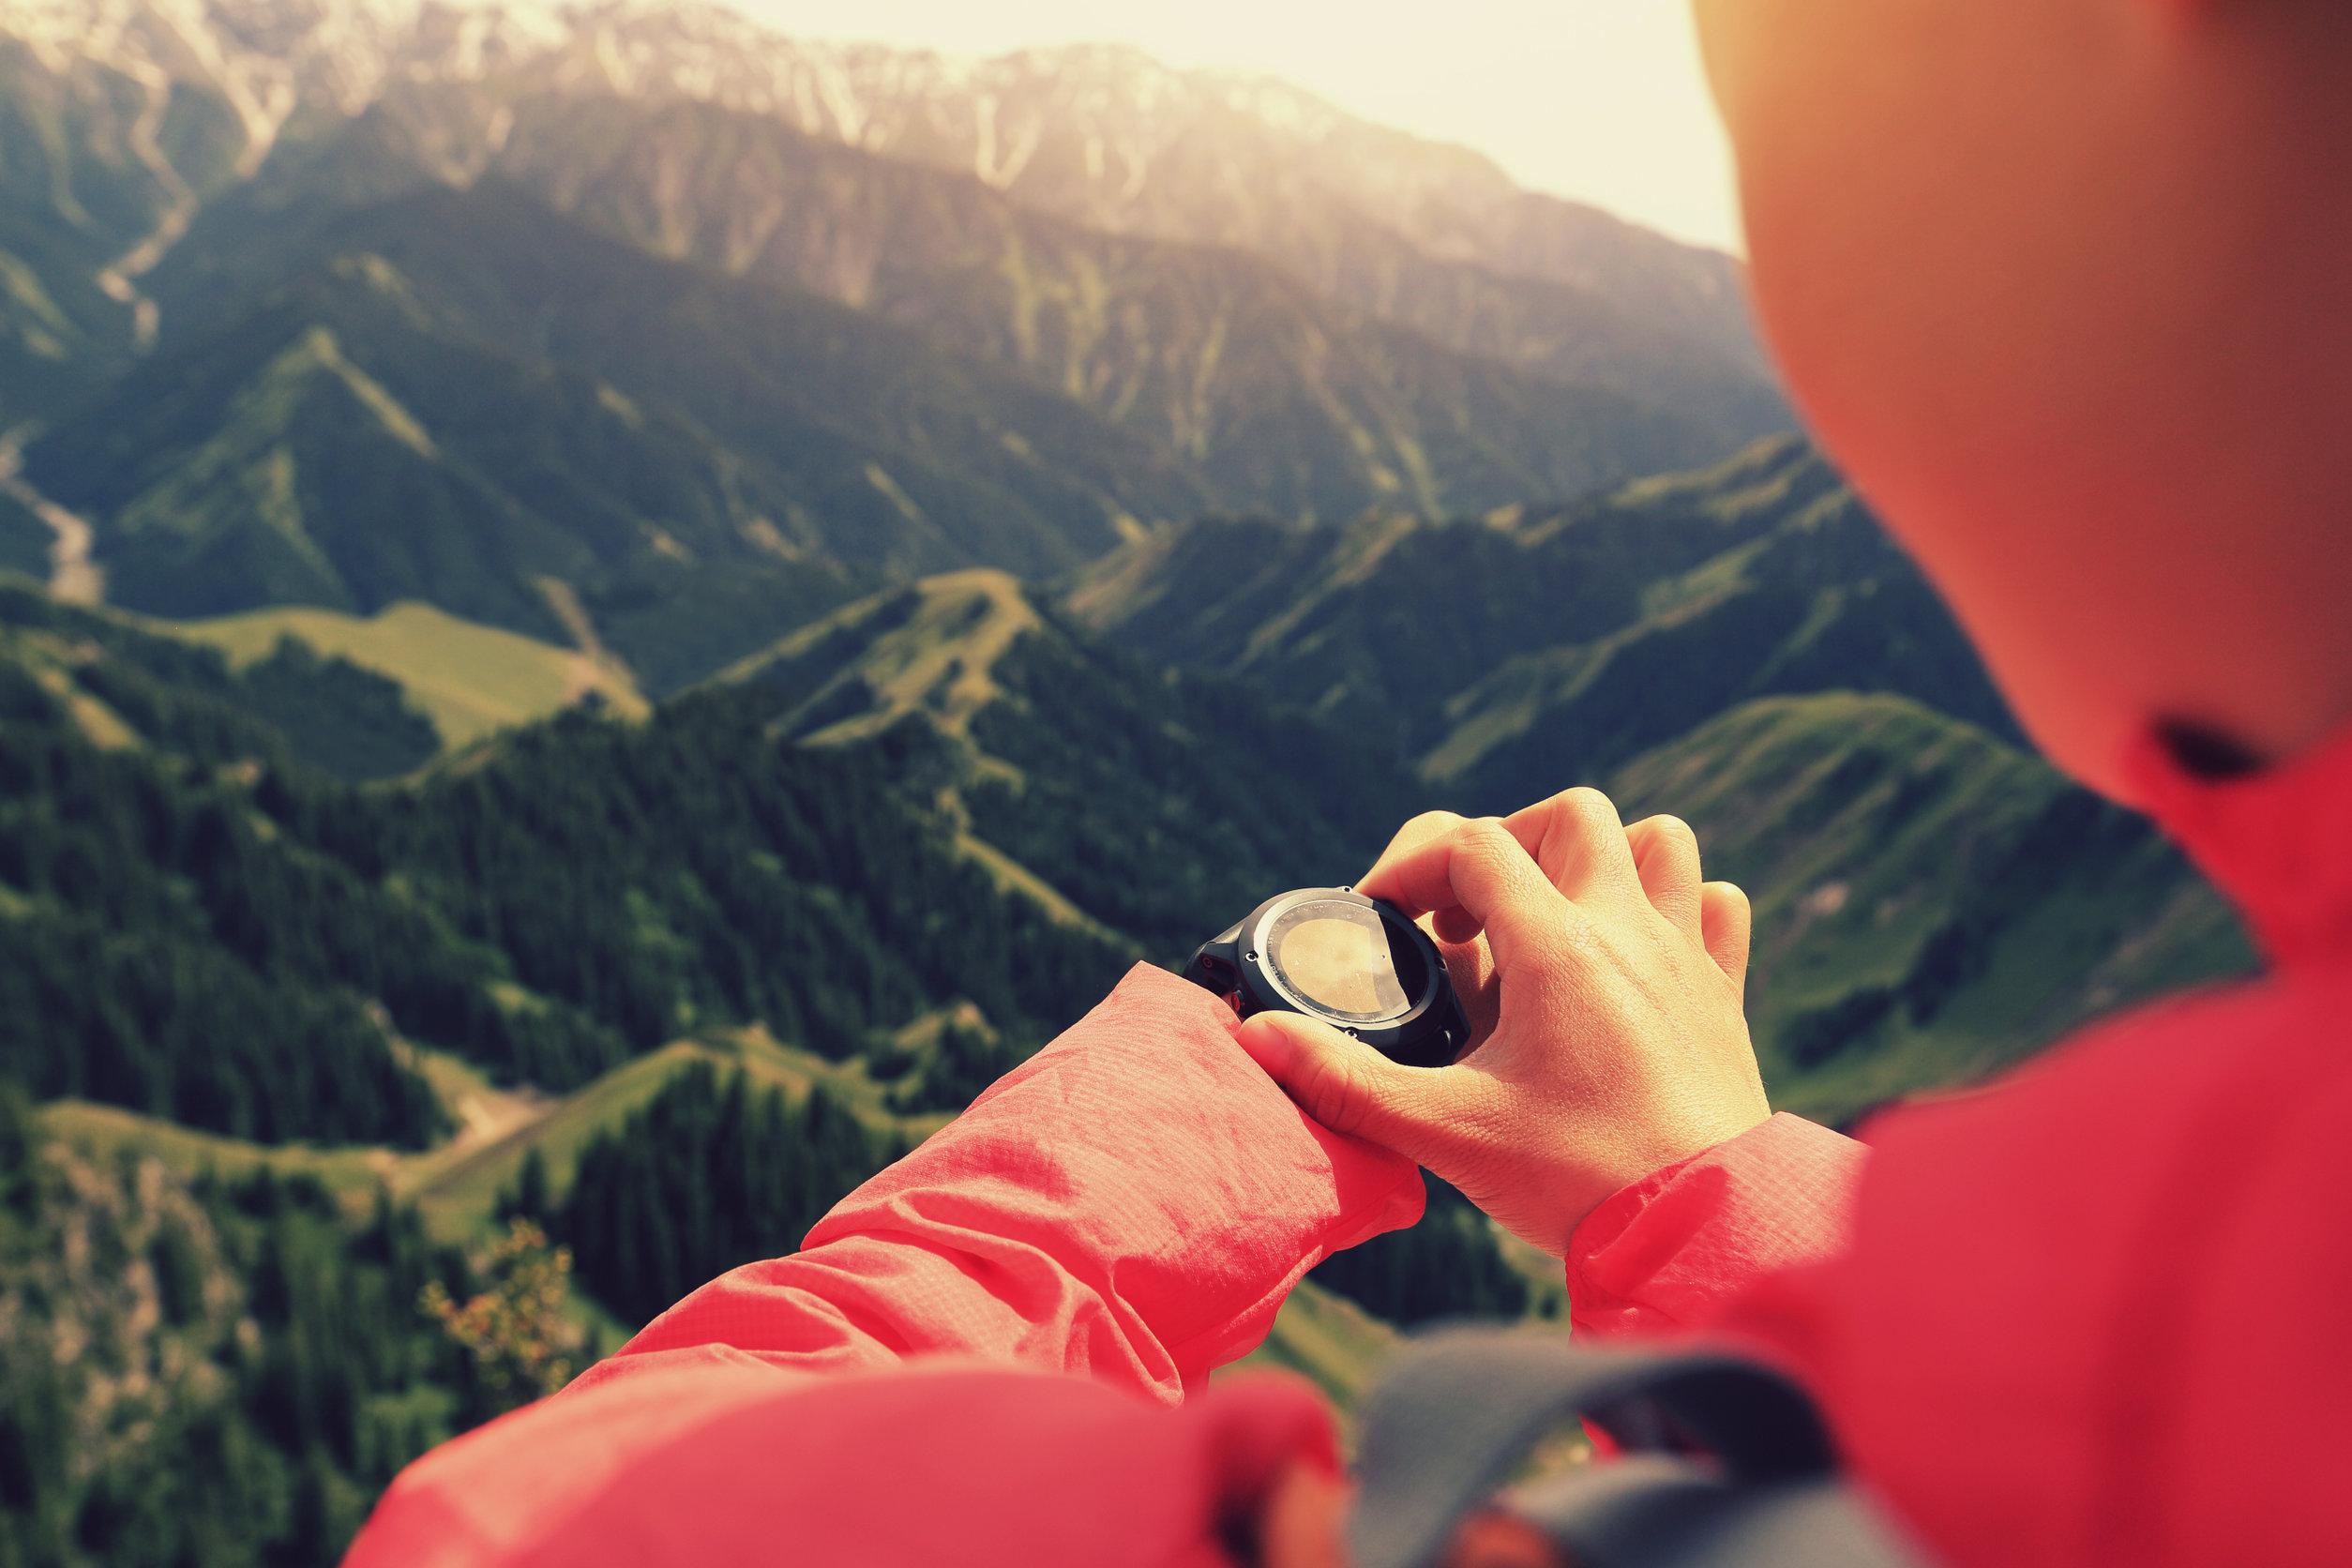 montañista con altimetro